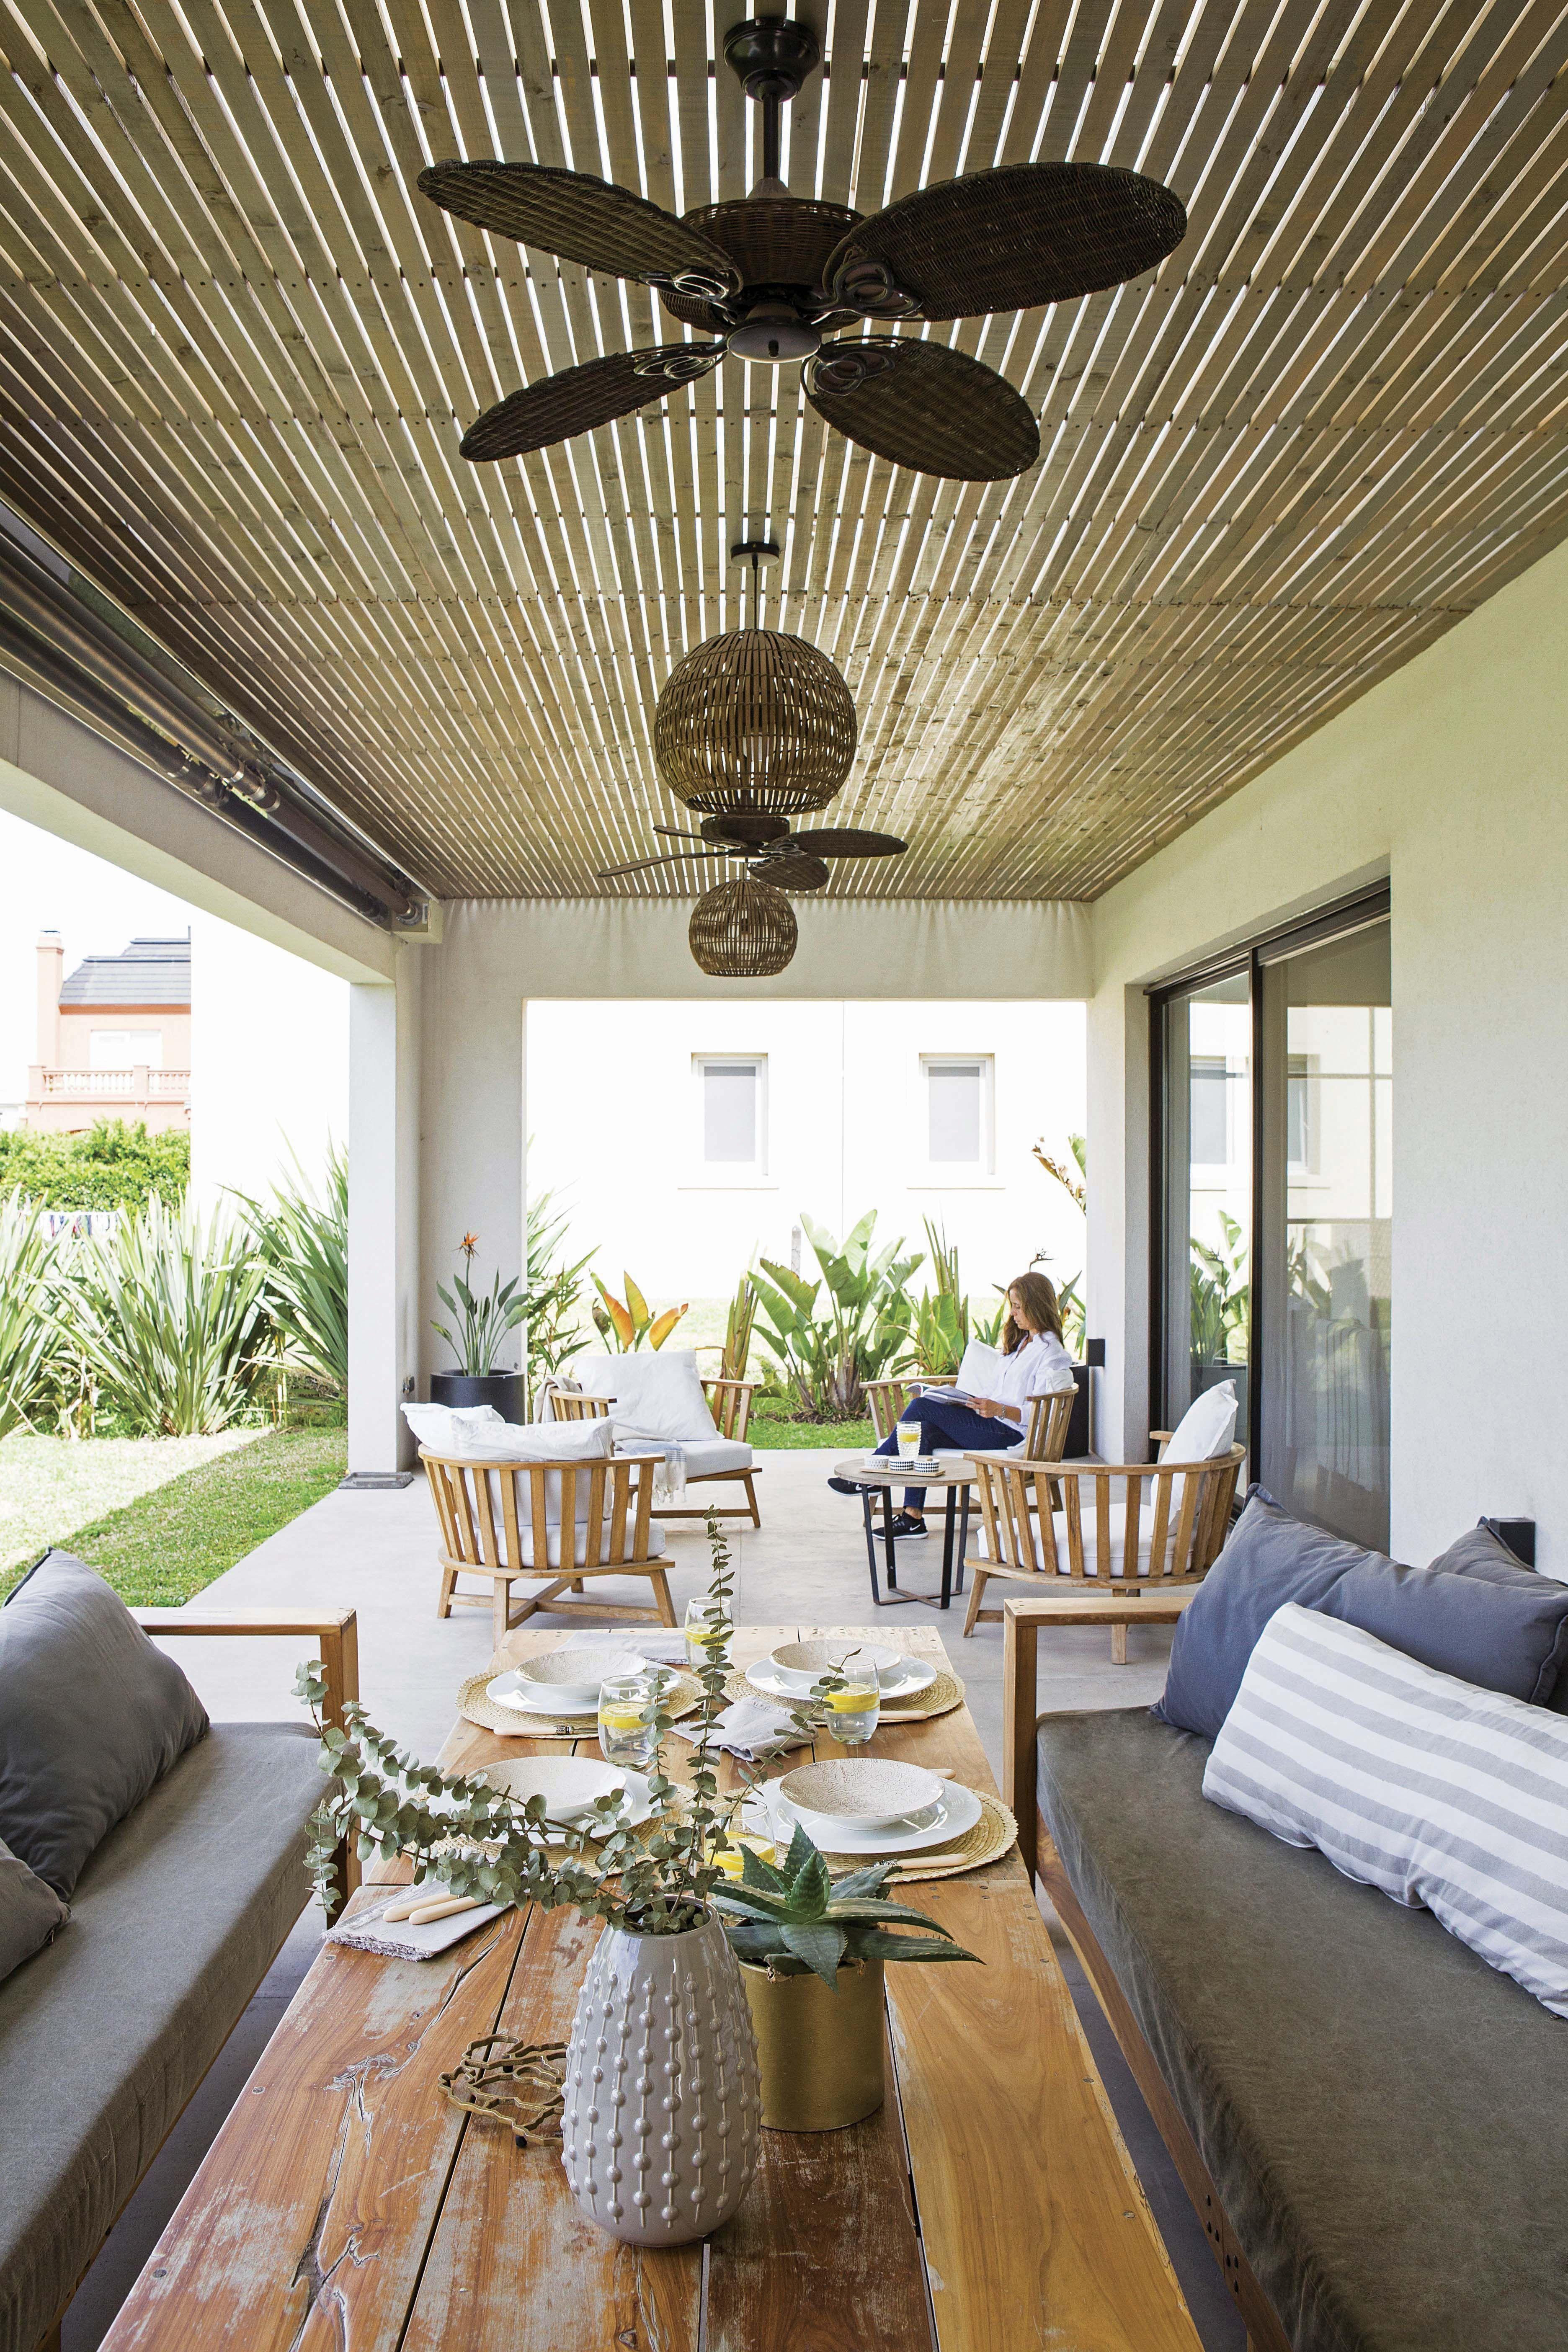 Una casa de fin de semana compacta, funcional y con un